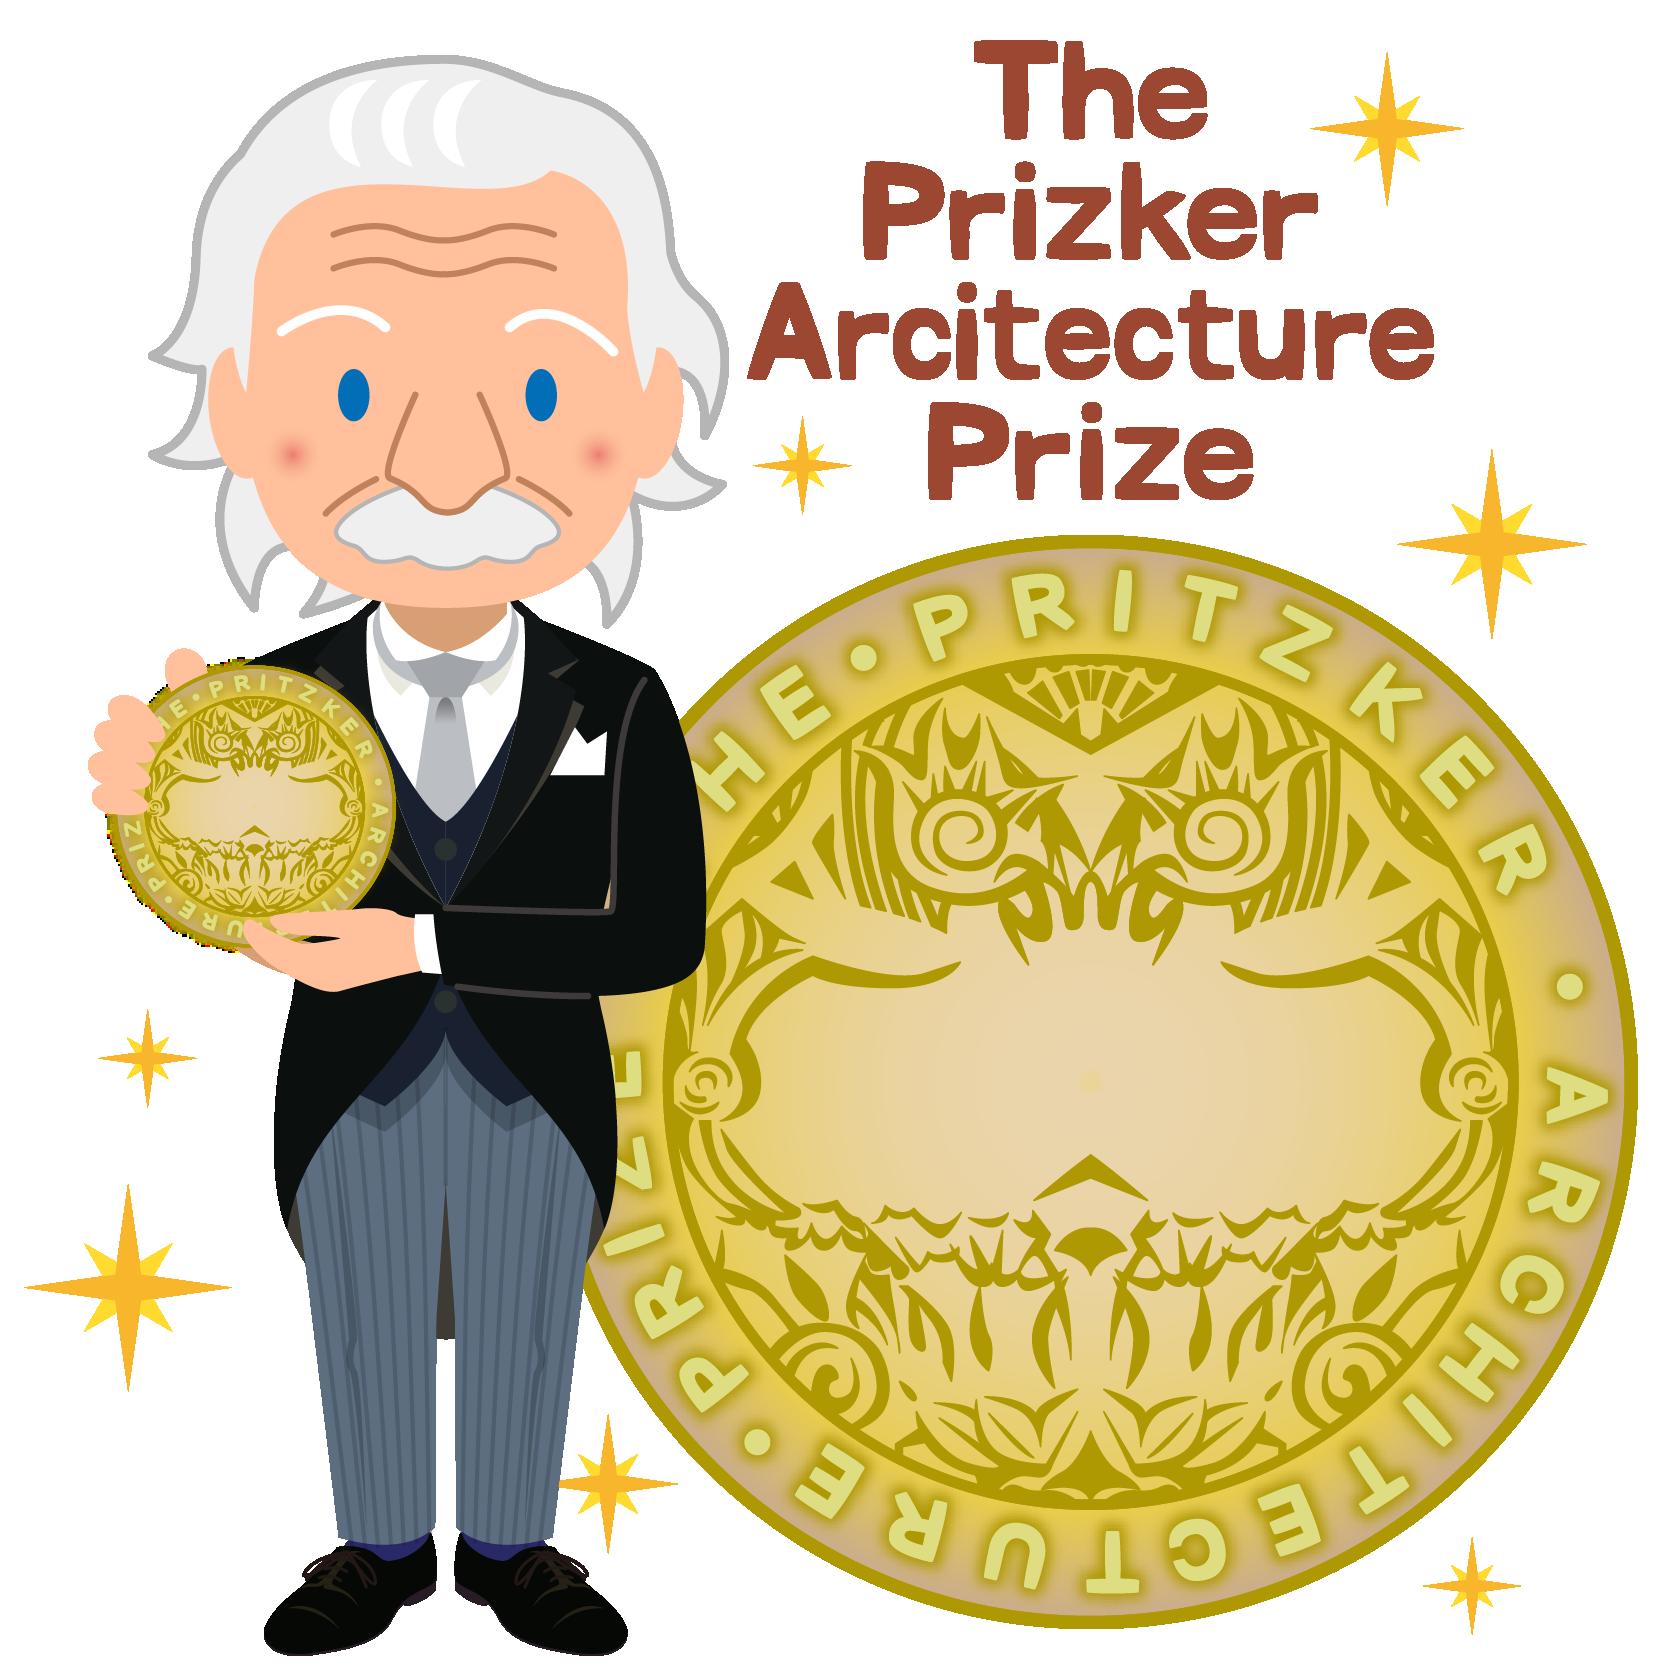 商用フリー無料イラスト_プリツカー賞_表彰_燕尾服_男性_外国人_メダル大_The Pritzker Architecture Prize_016